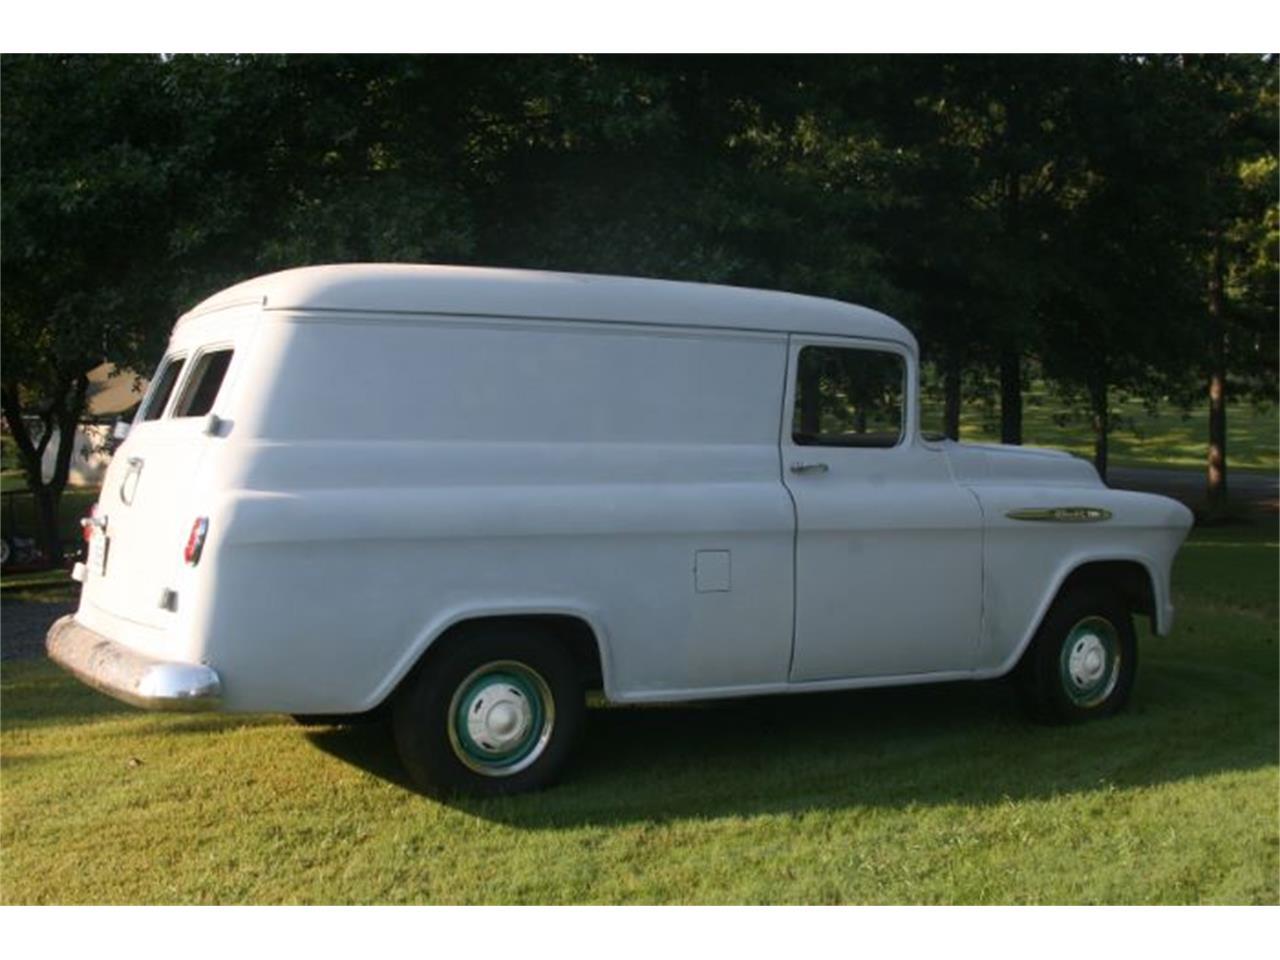 1957 Panel Truck Chevy Van Chevrolet For Sale 1280x960